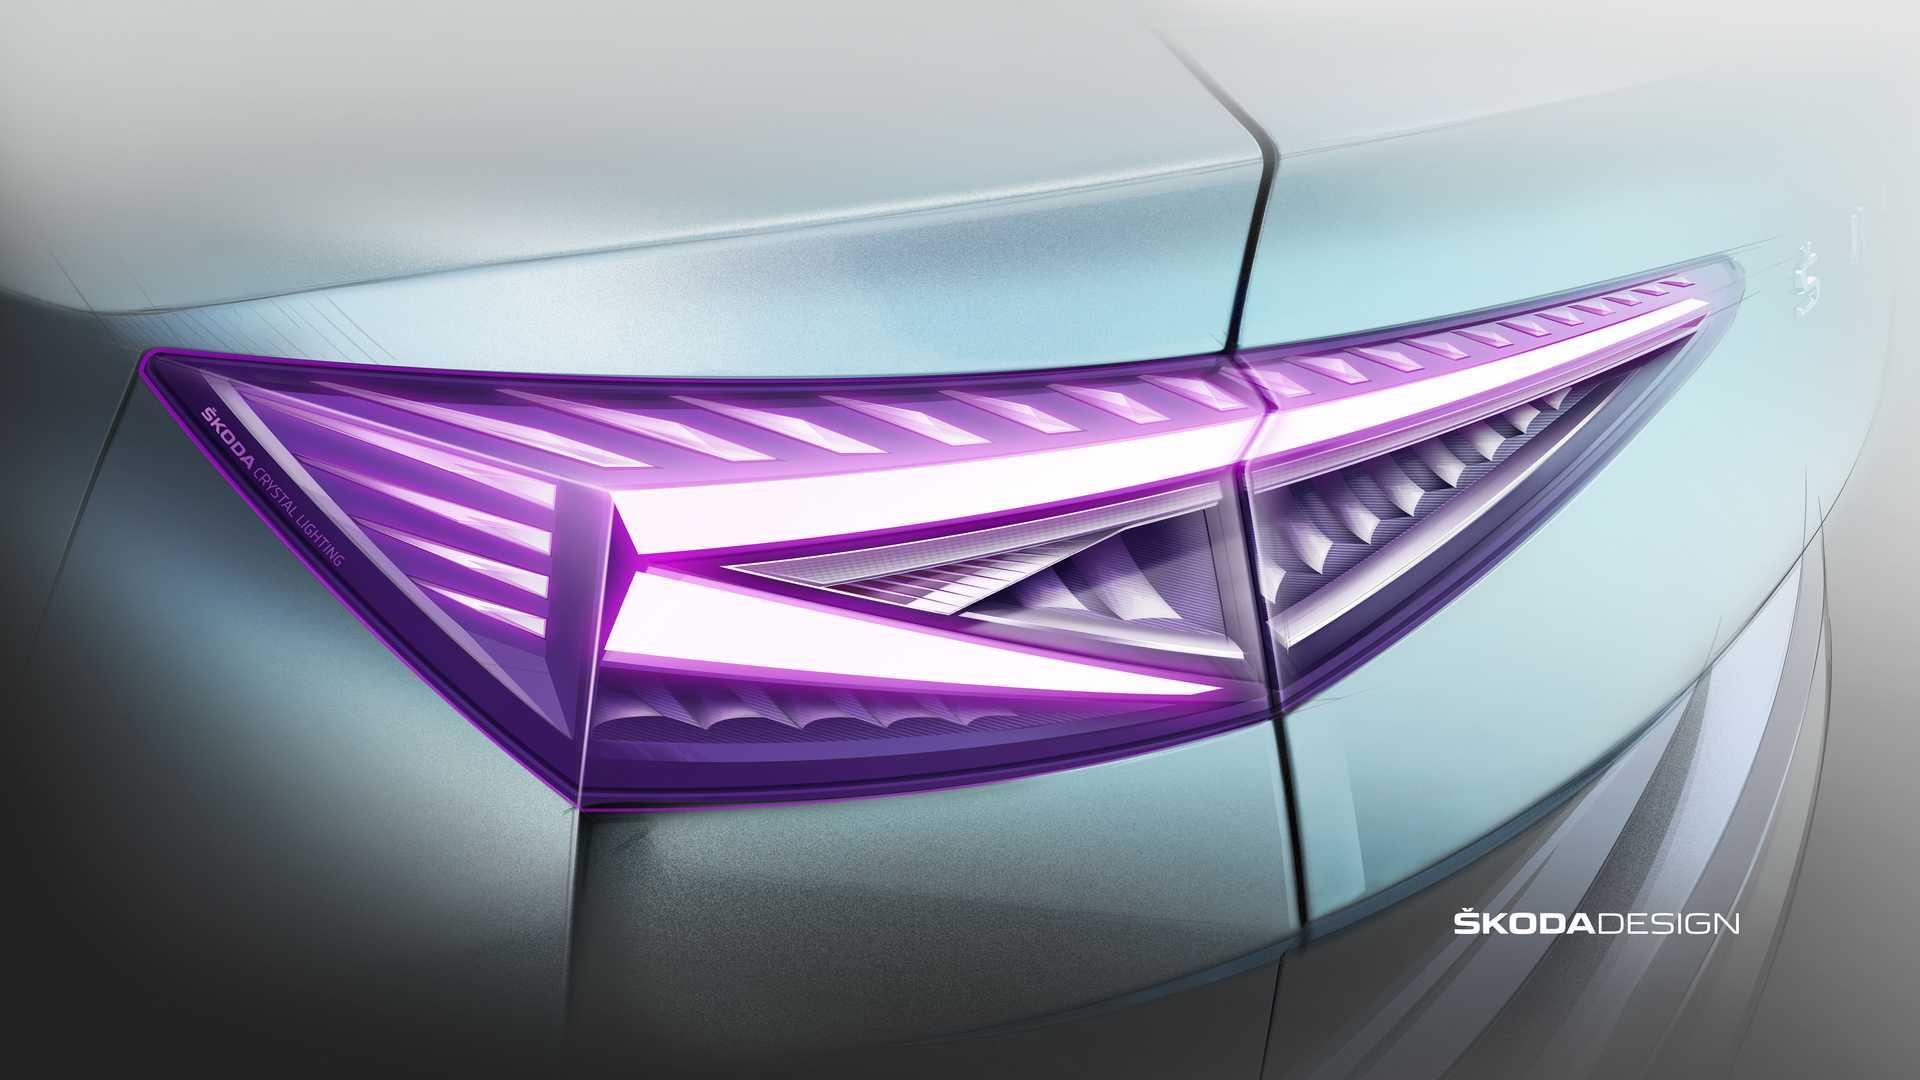 2021-skoda-enyaq-iv-taillight-teaser